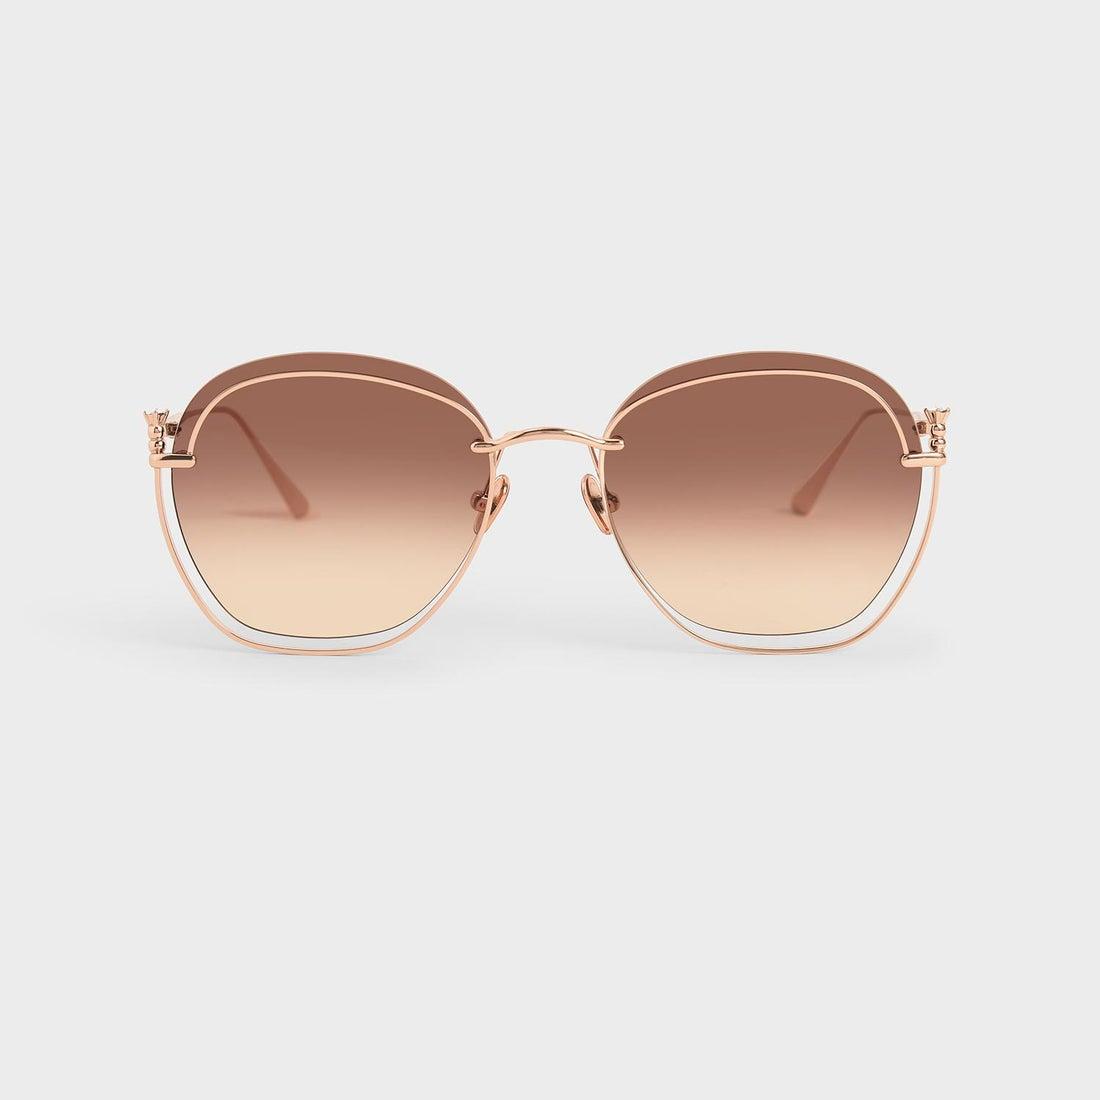 【再入荷】【2020 FALL 新作】カットアウトラウンドサングラス / Cut-Out Round Sunglasses (Rose Gold)